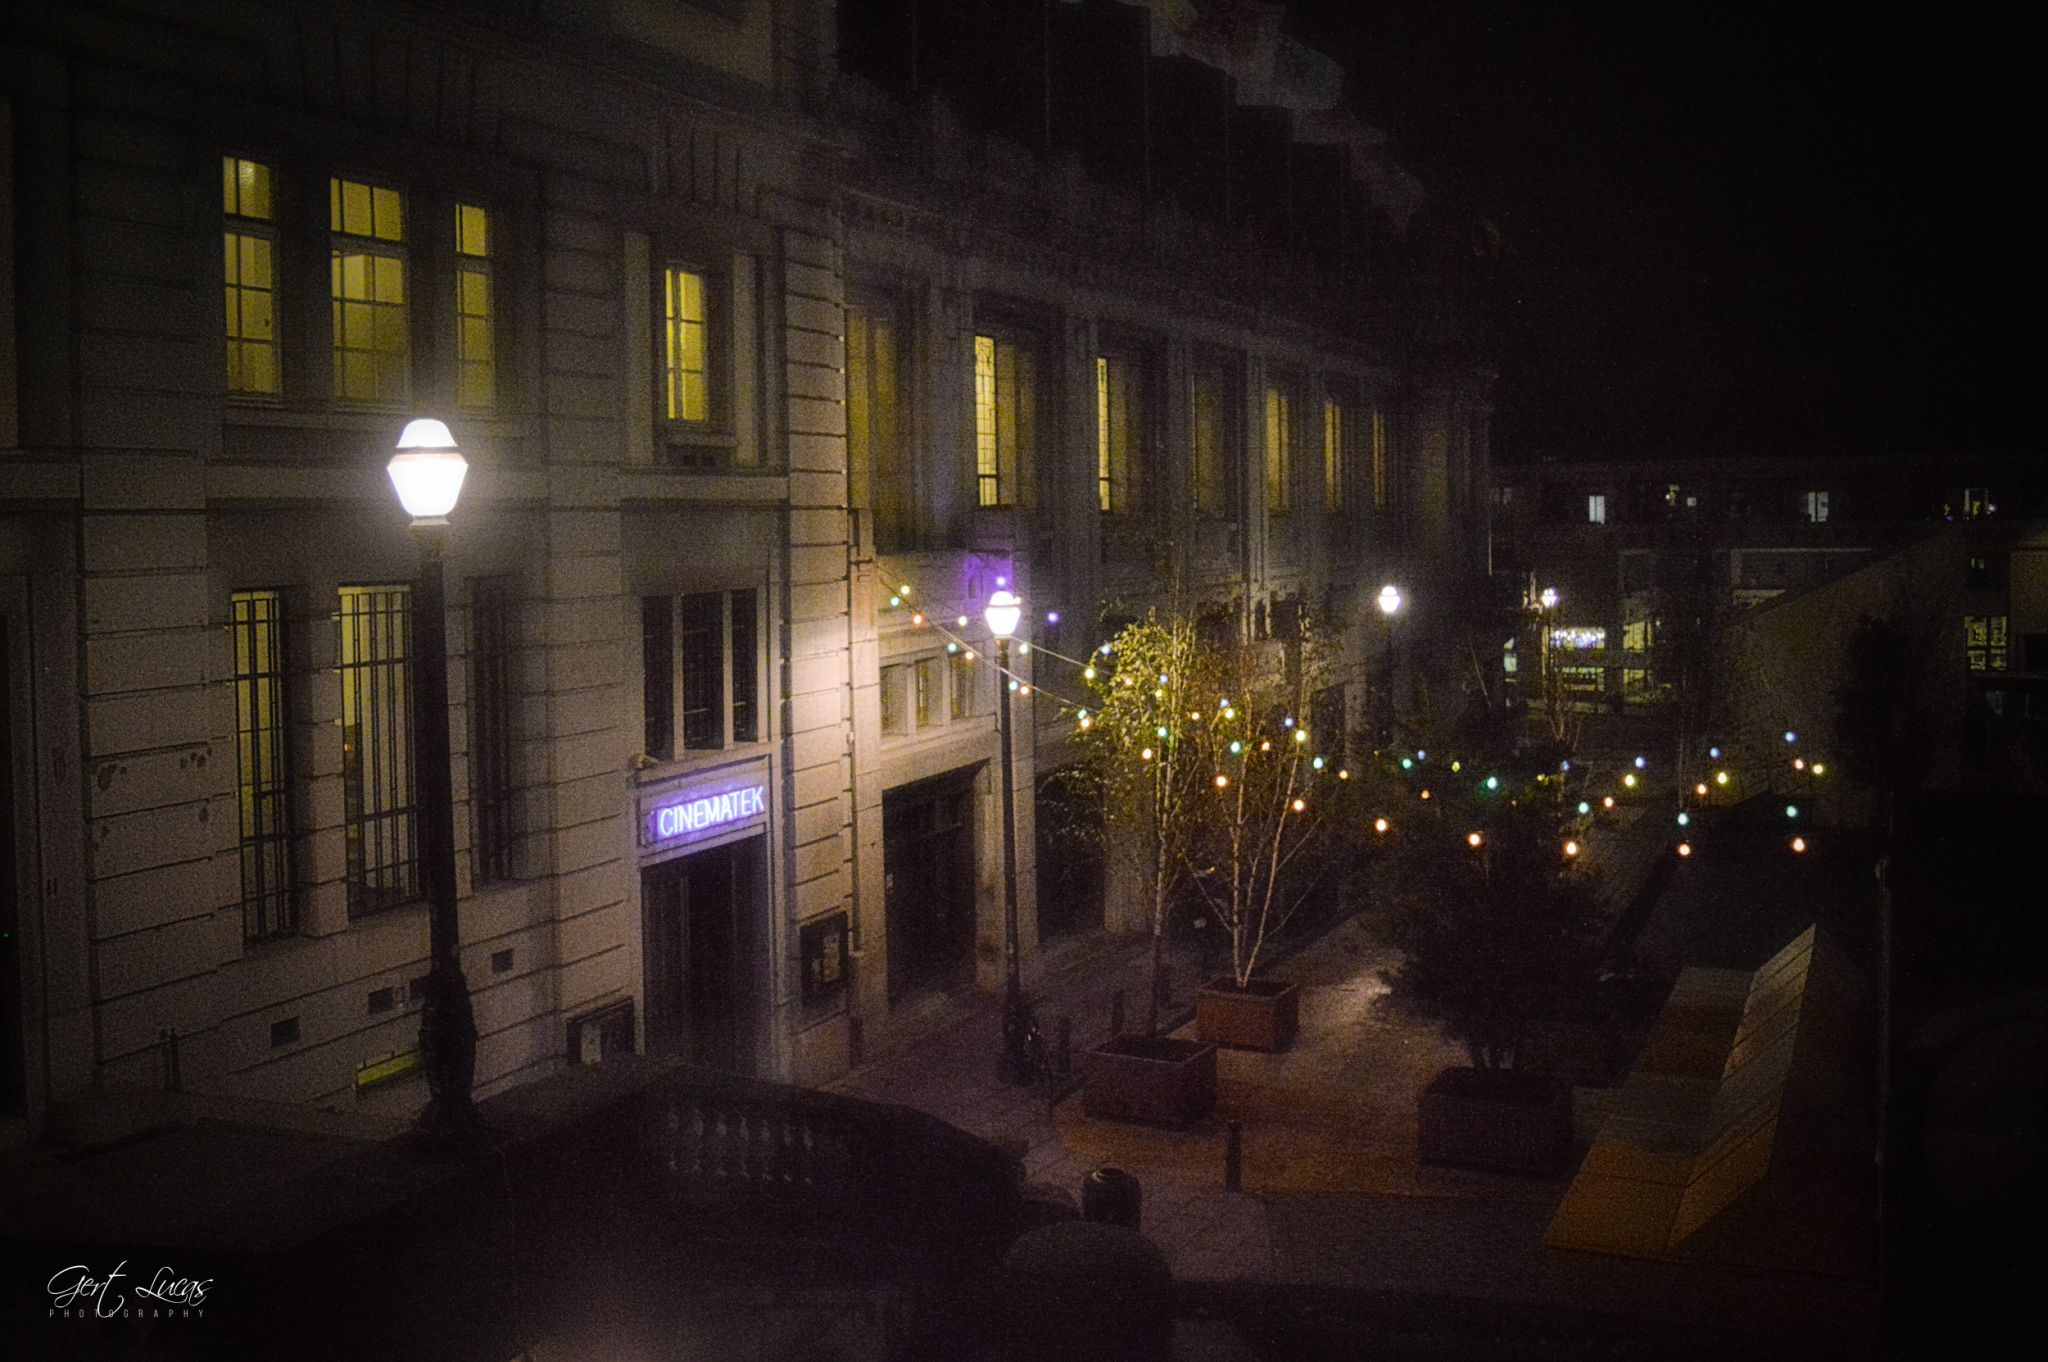 Cinematek front, Belgium